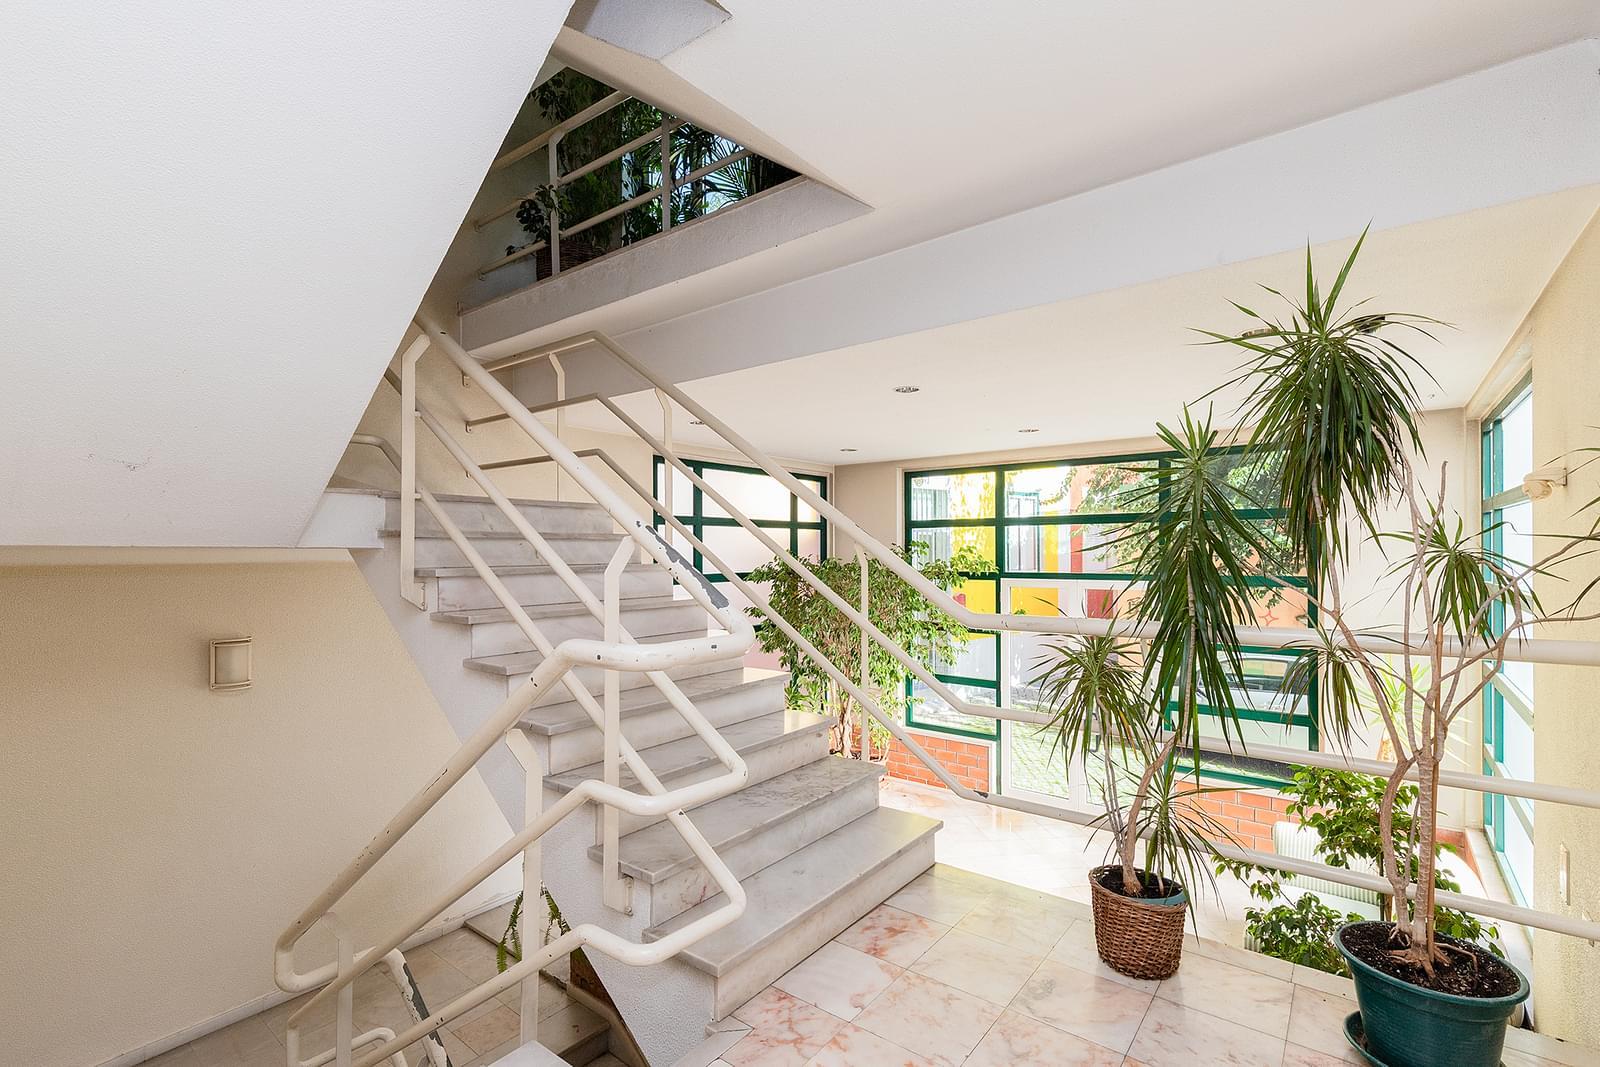 pf18967-apartamento-t2-lisboa-11323f6b-d391-47a2-b0a0-a63e27474a15